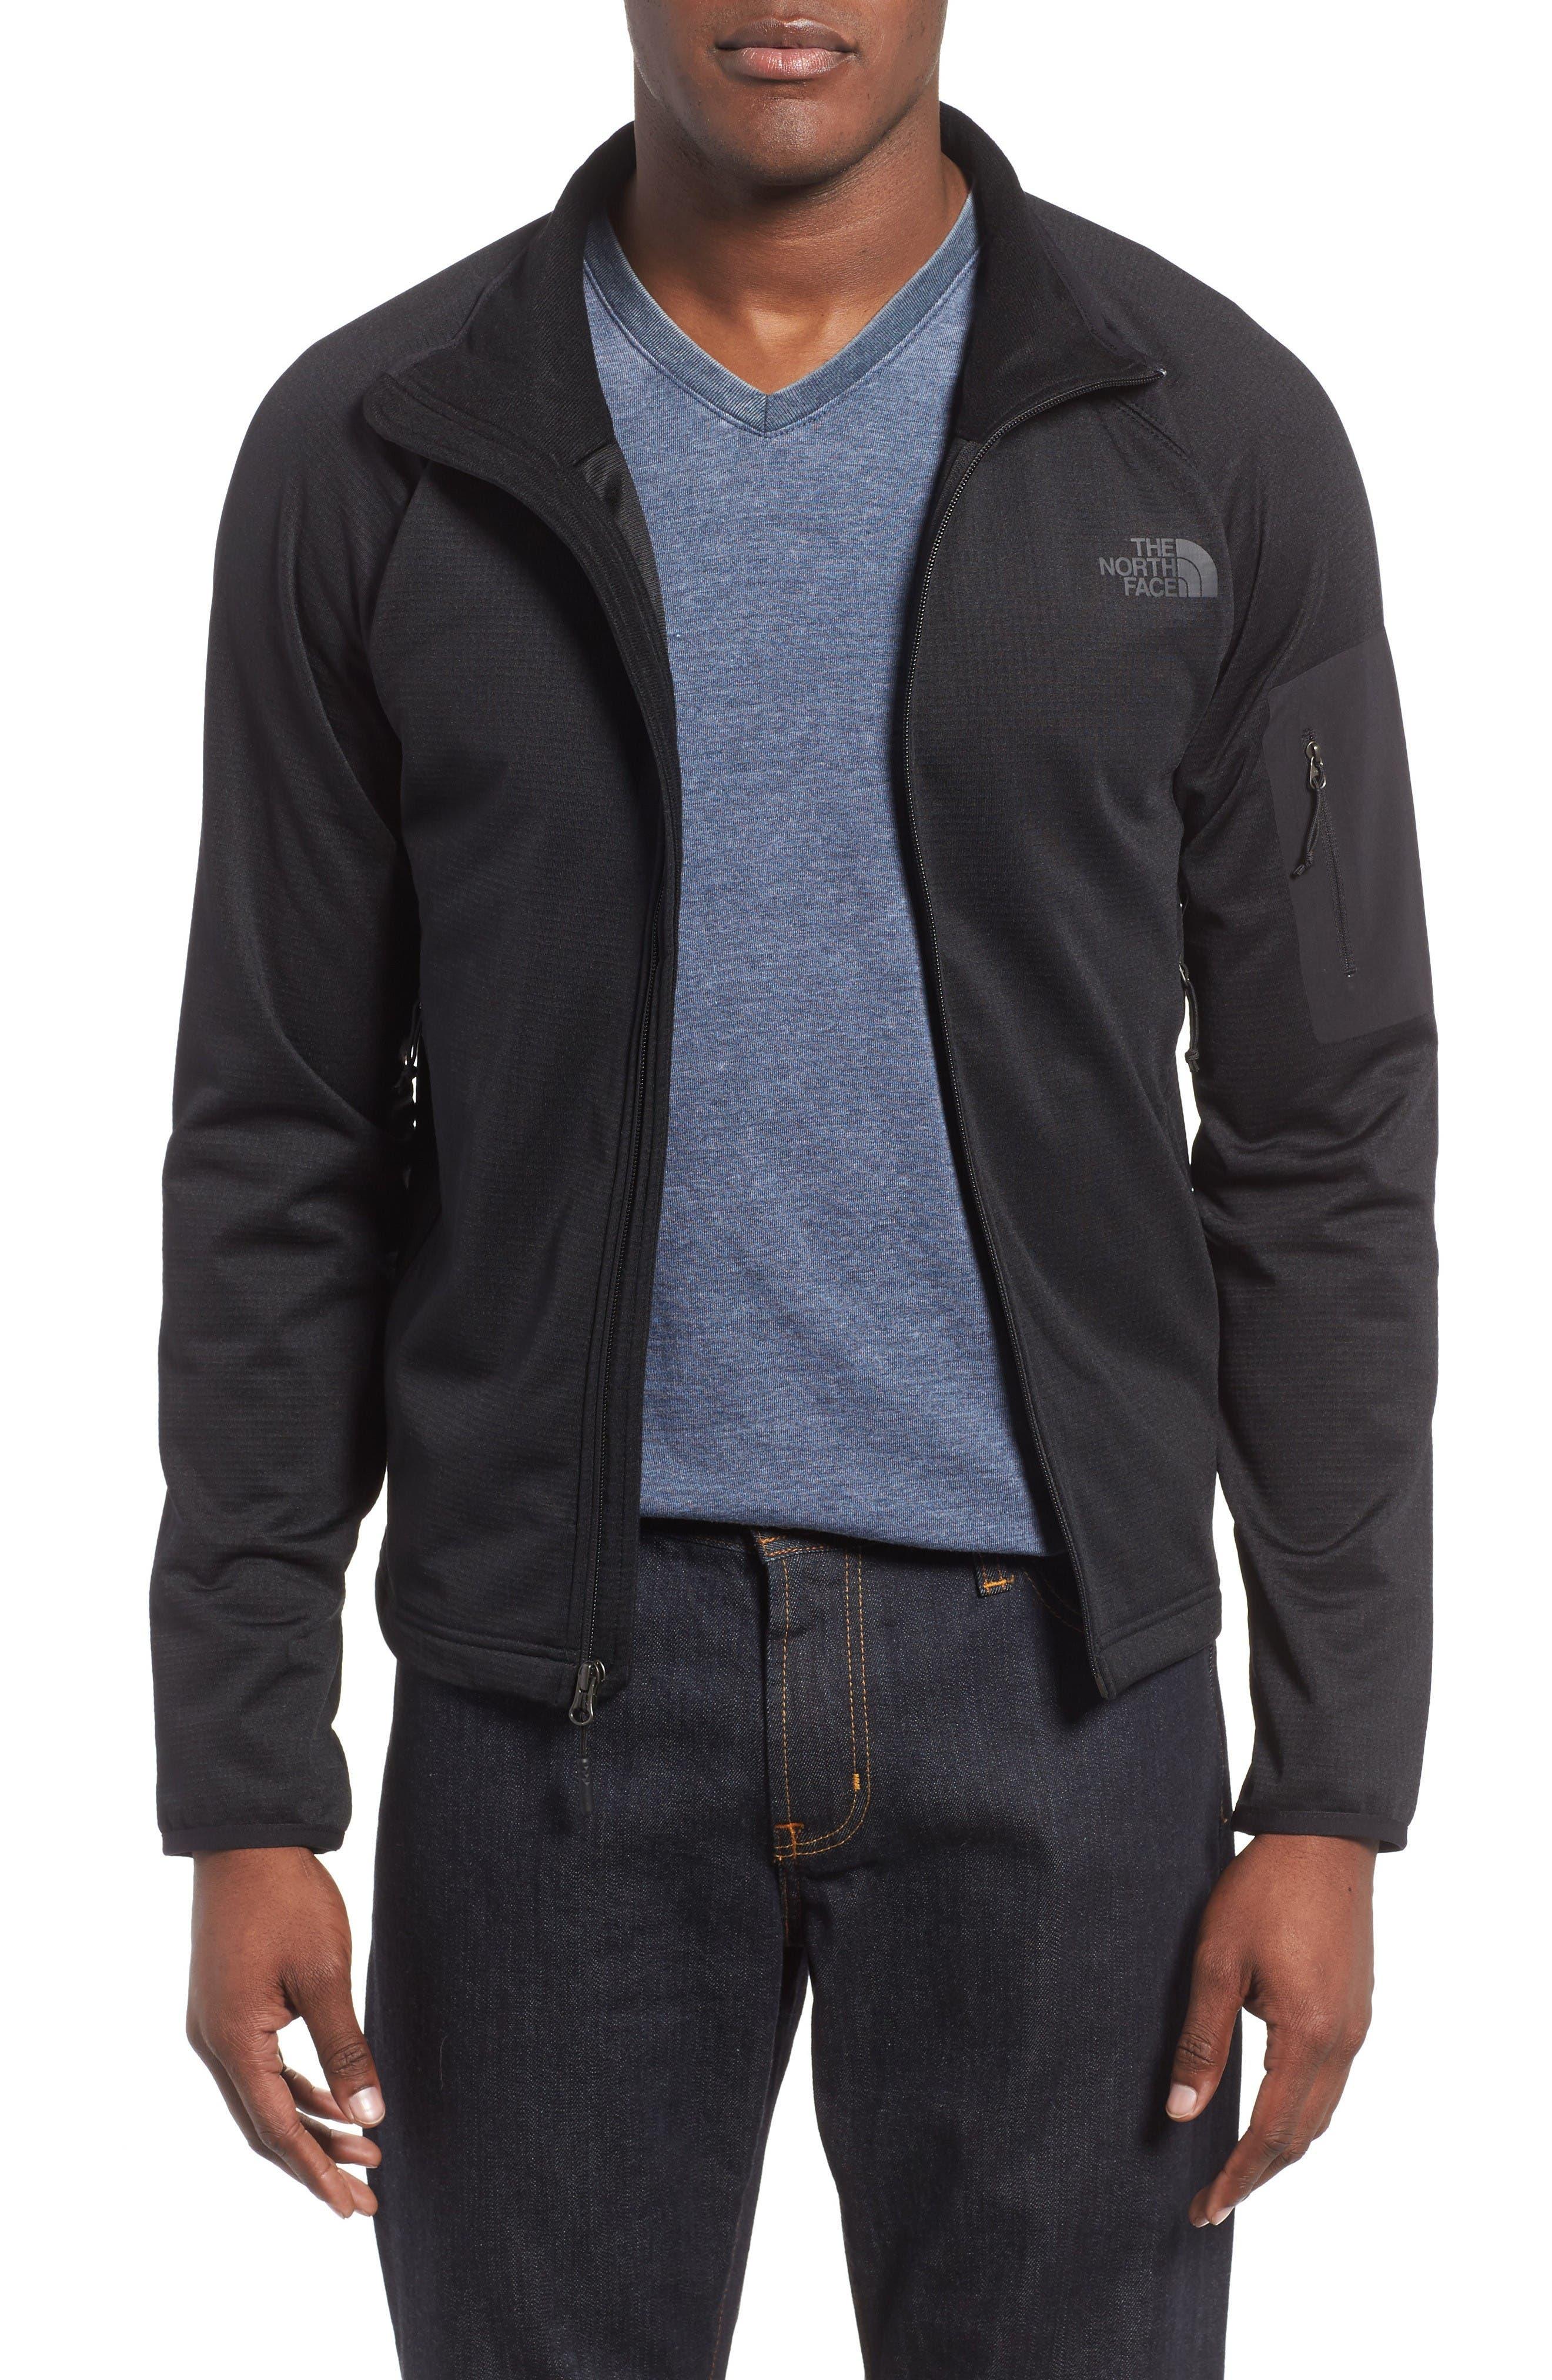 Borod Jacket,                             Main thumbnail 1, color,                             Tnf Black/ Tnf Black